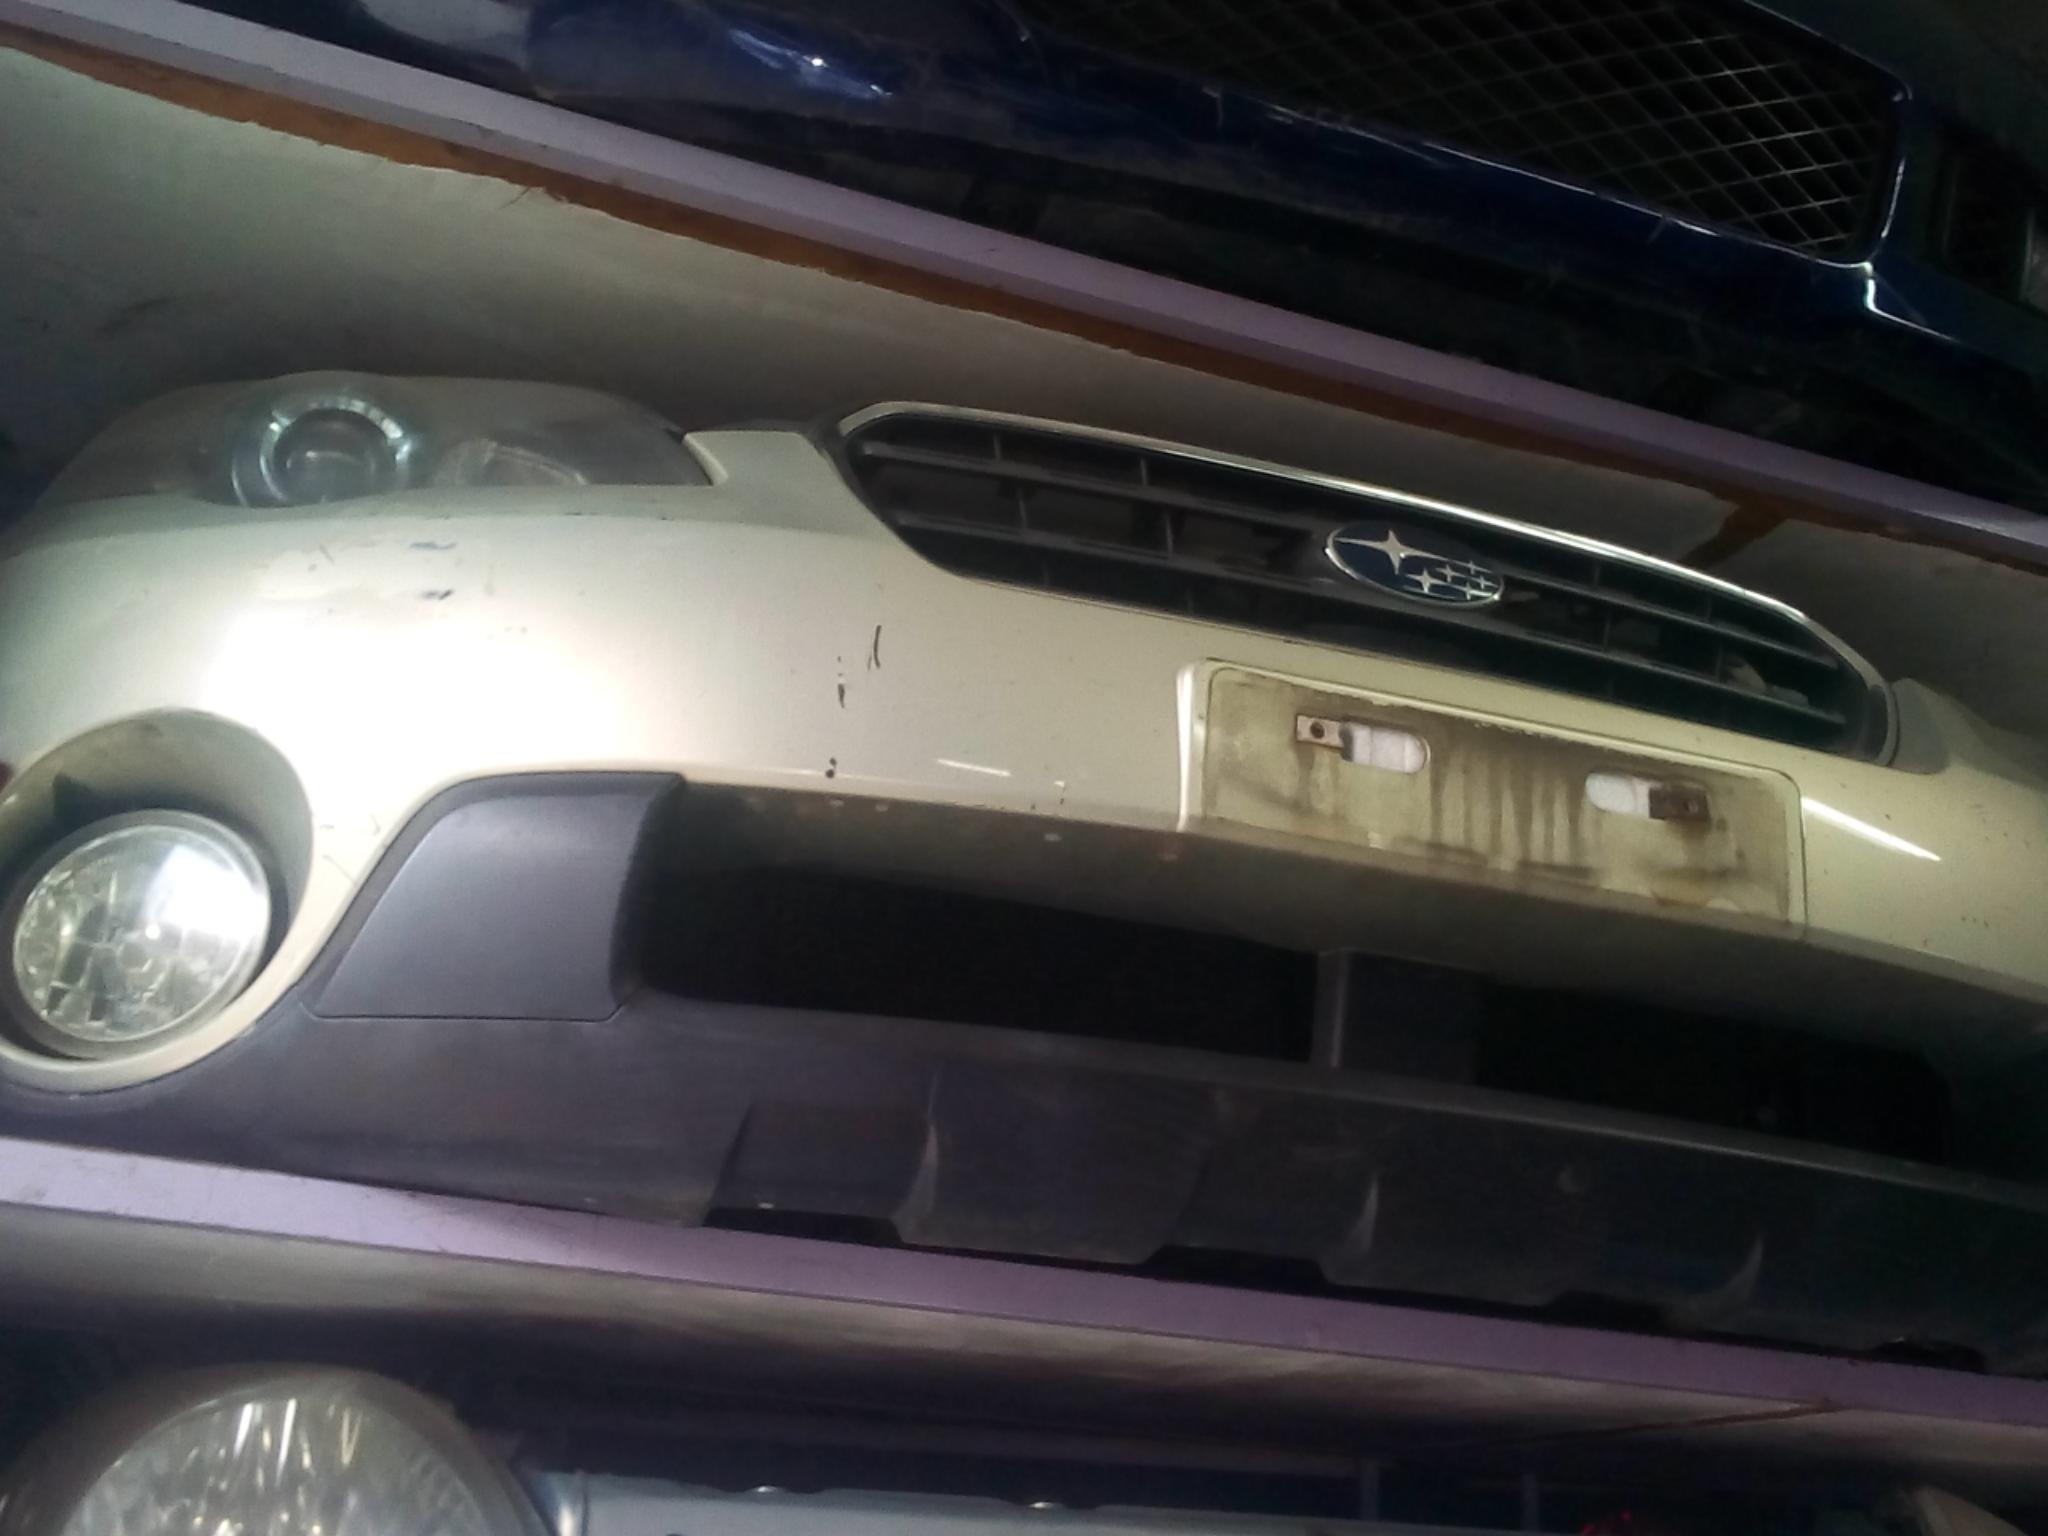 Subaru Outback Nose Cut 03347